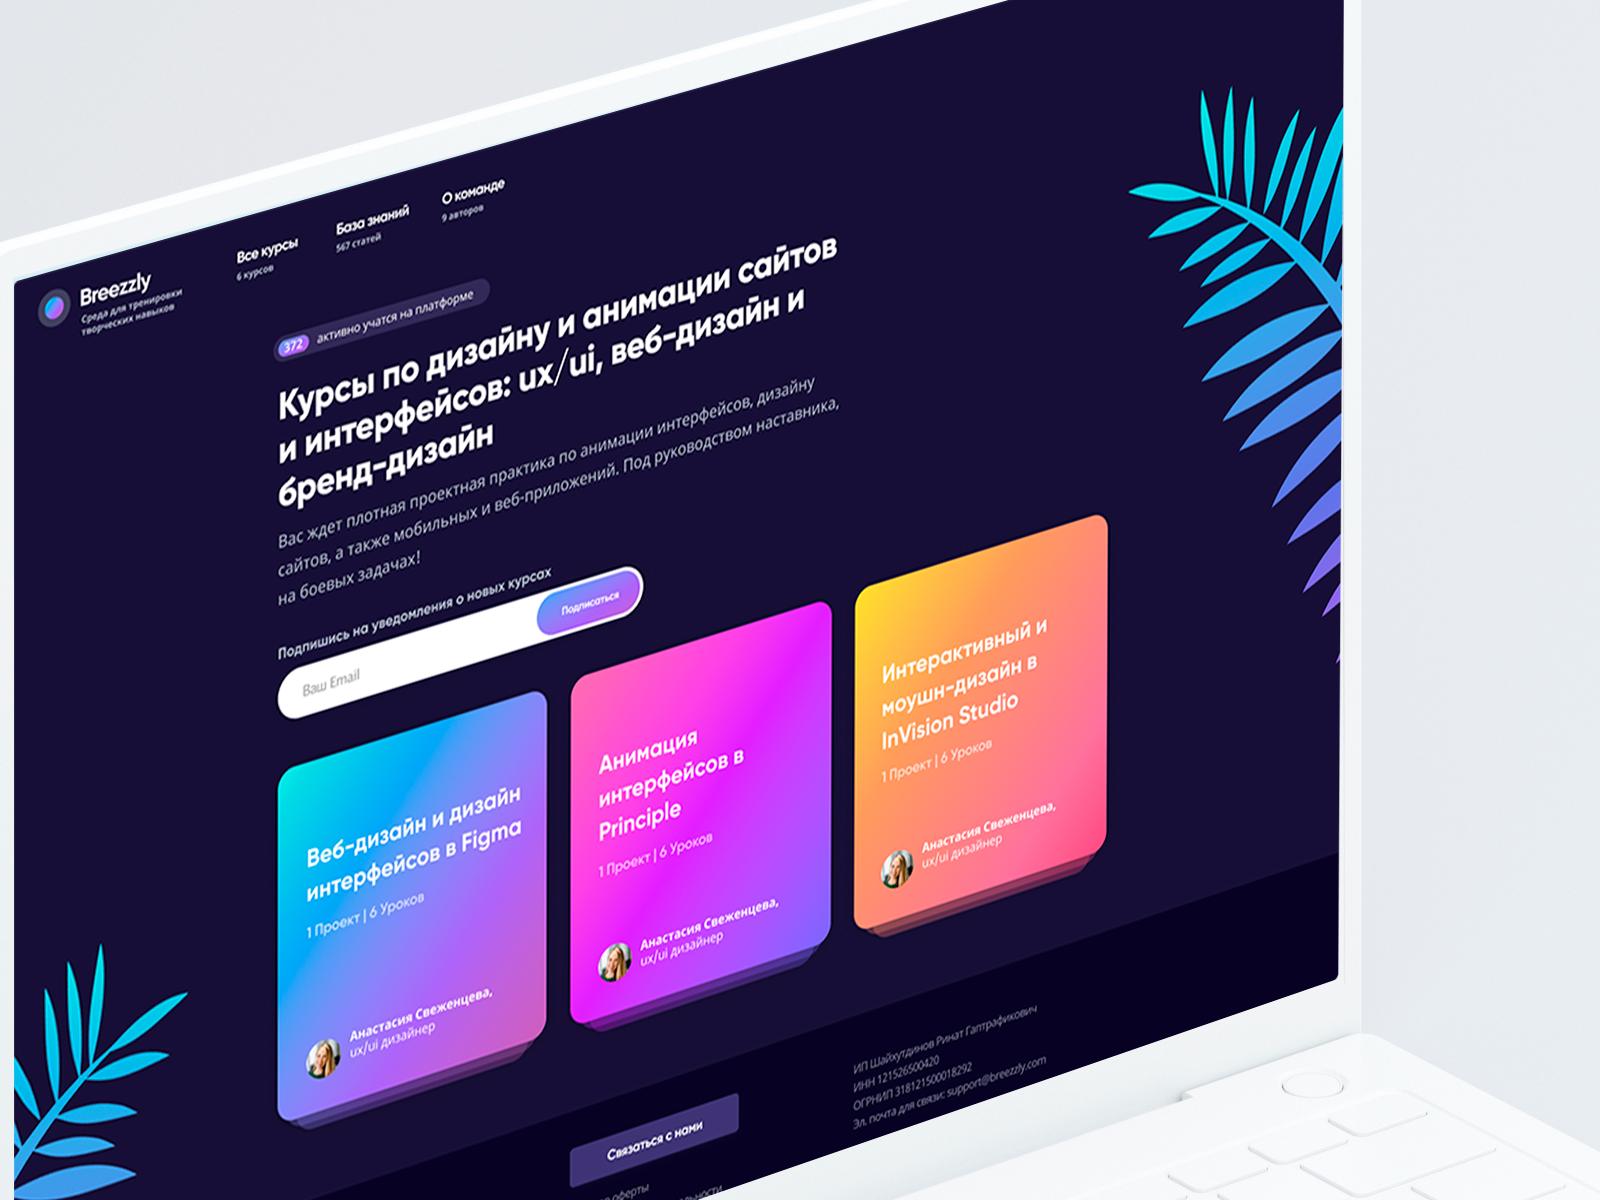 Breezzly – проектная практика в инструментах графического и веб-дизайна